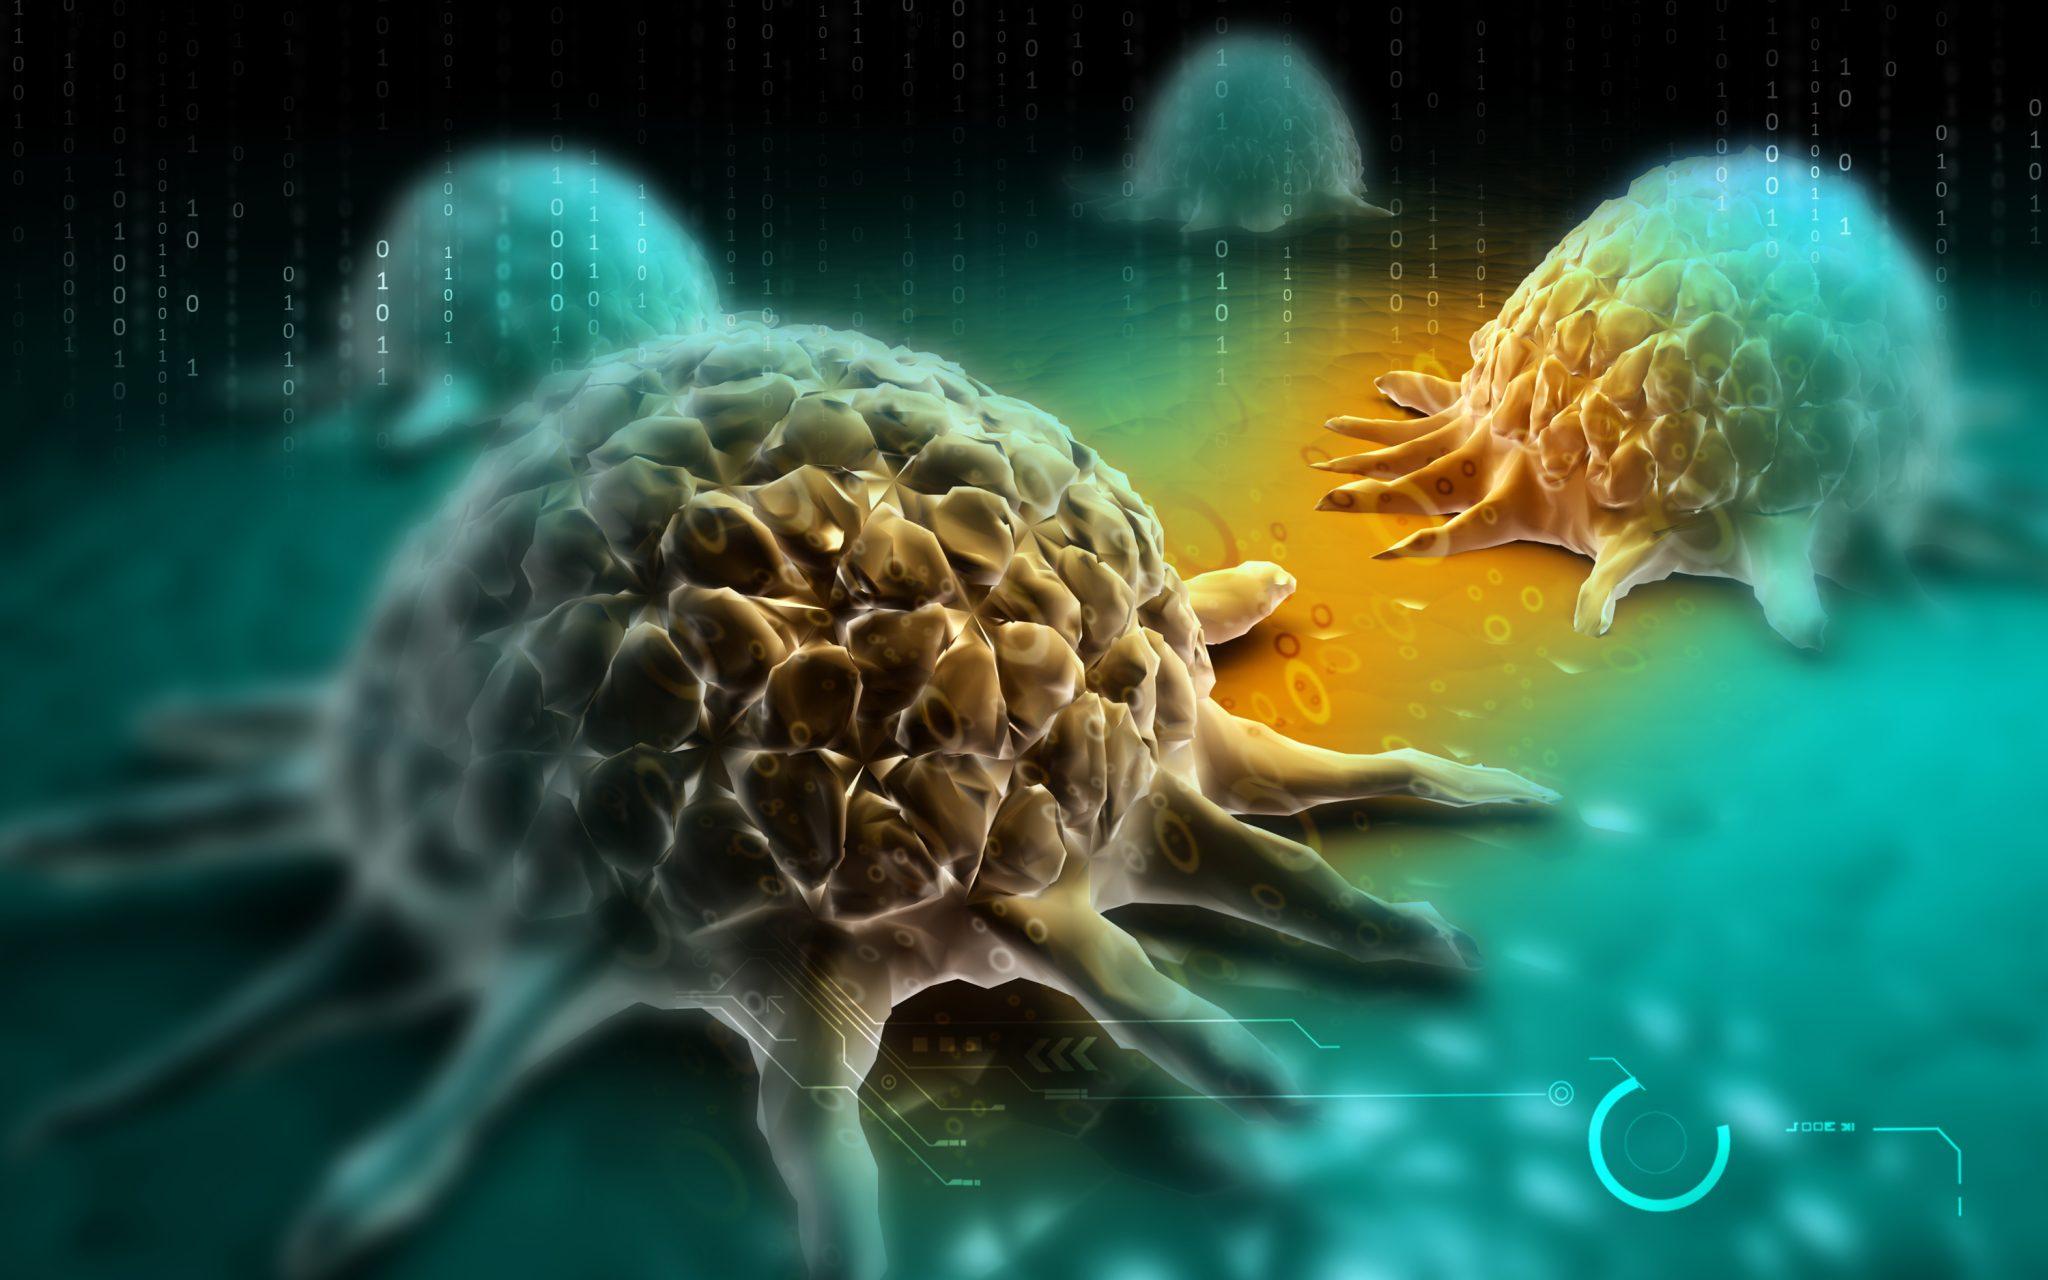 علت سرطان روده بزرگ